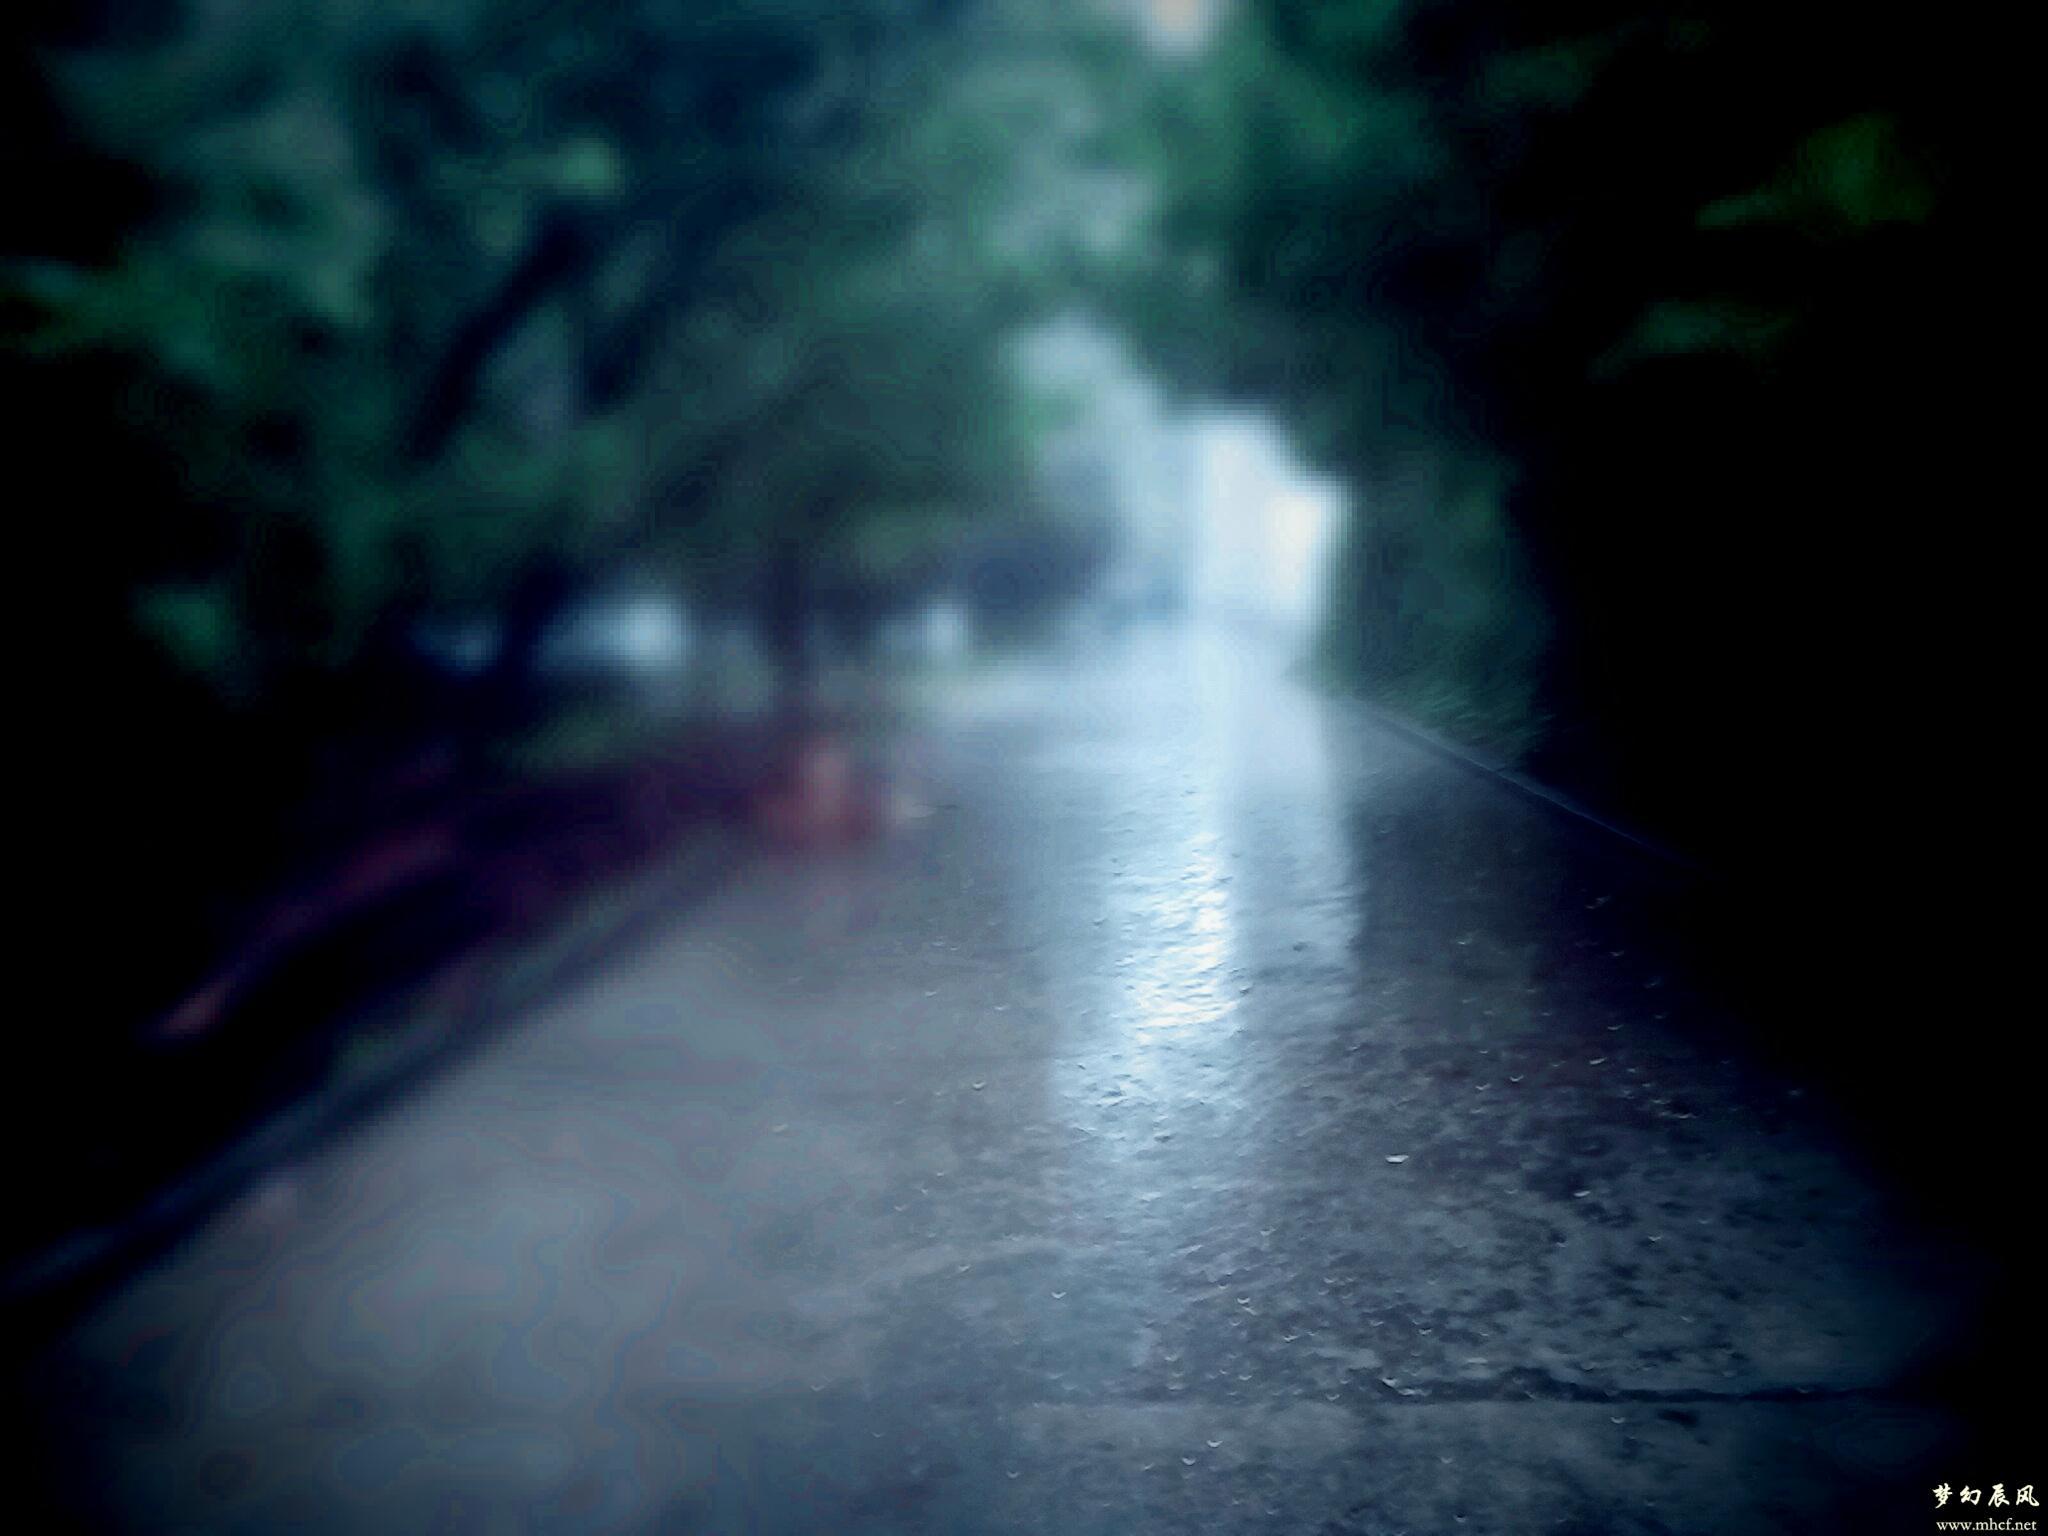 雨中路 ©姜辰 摄